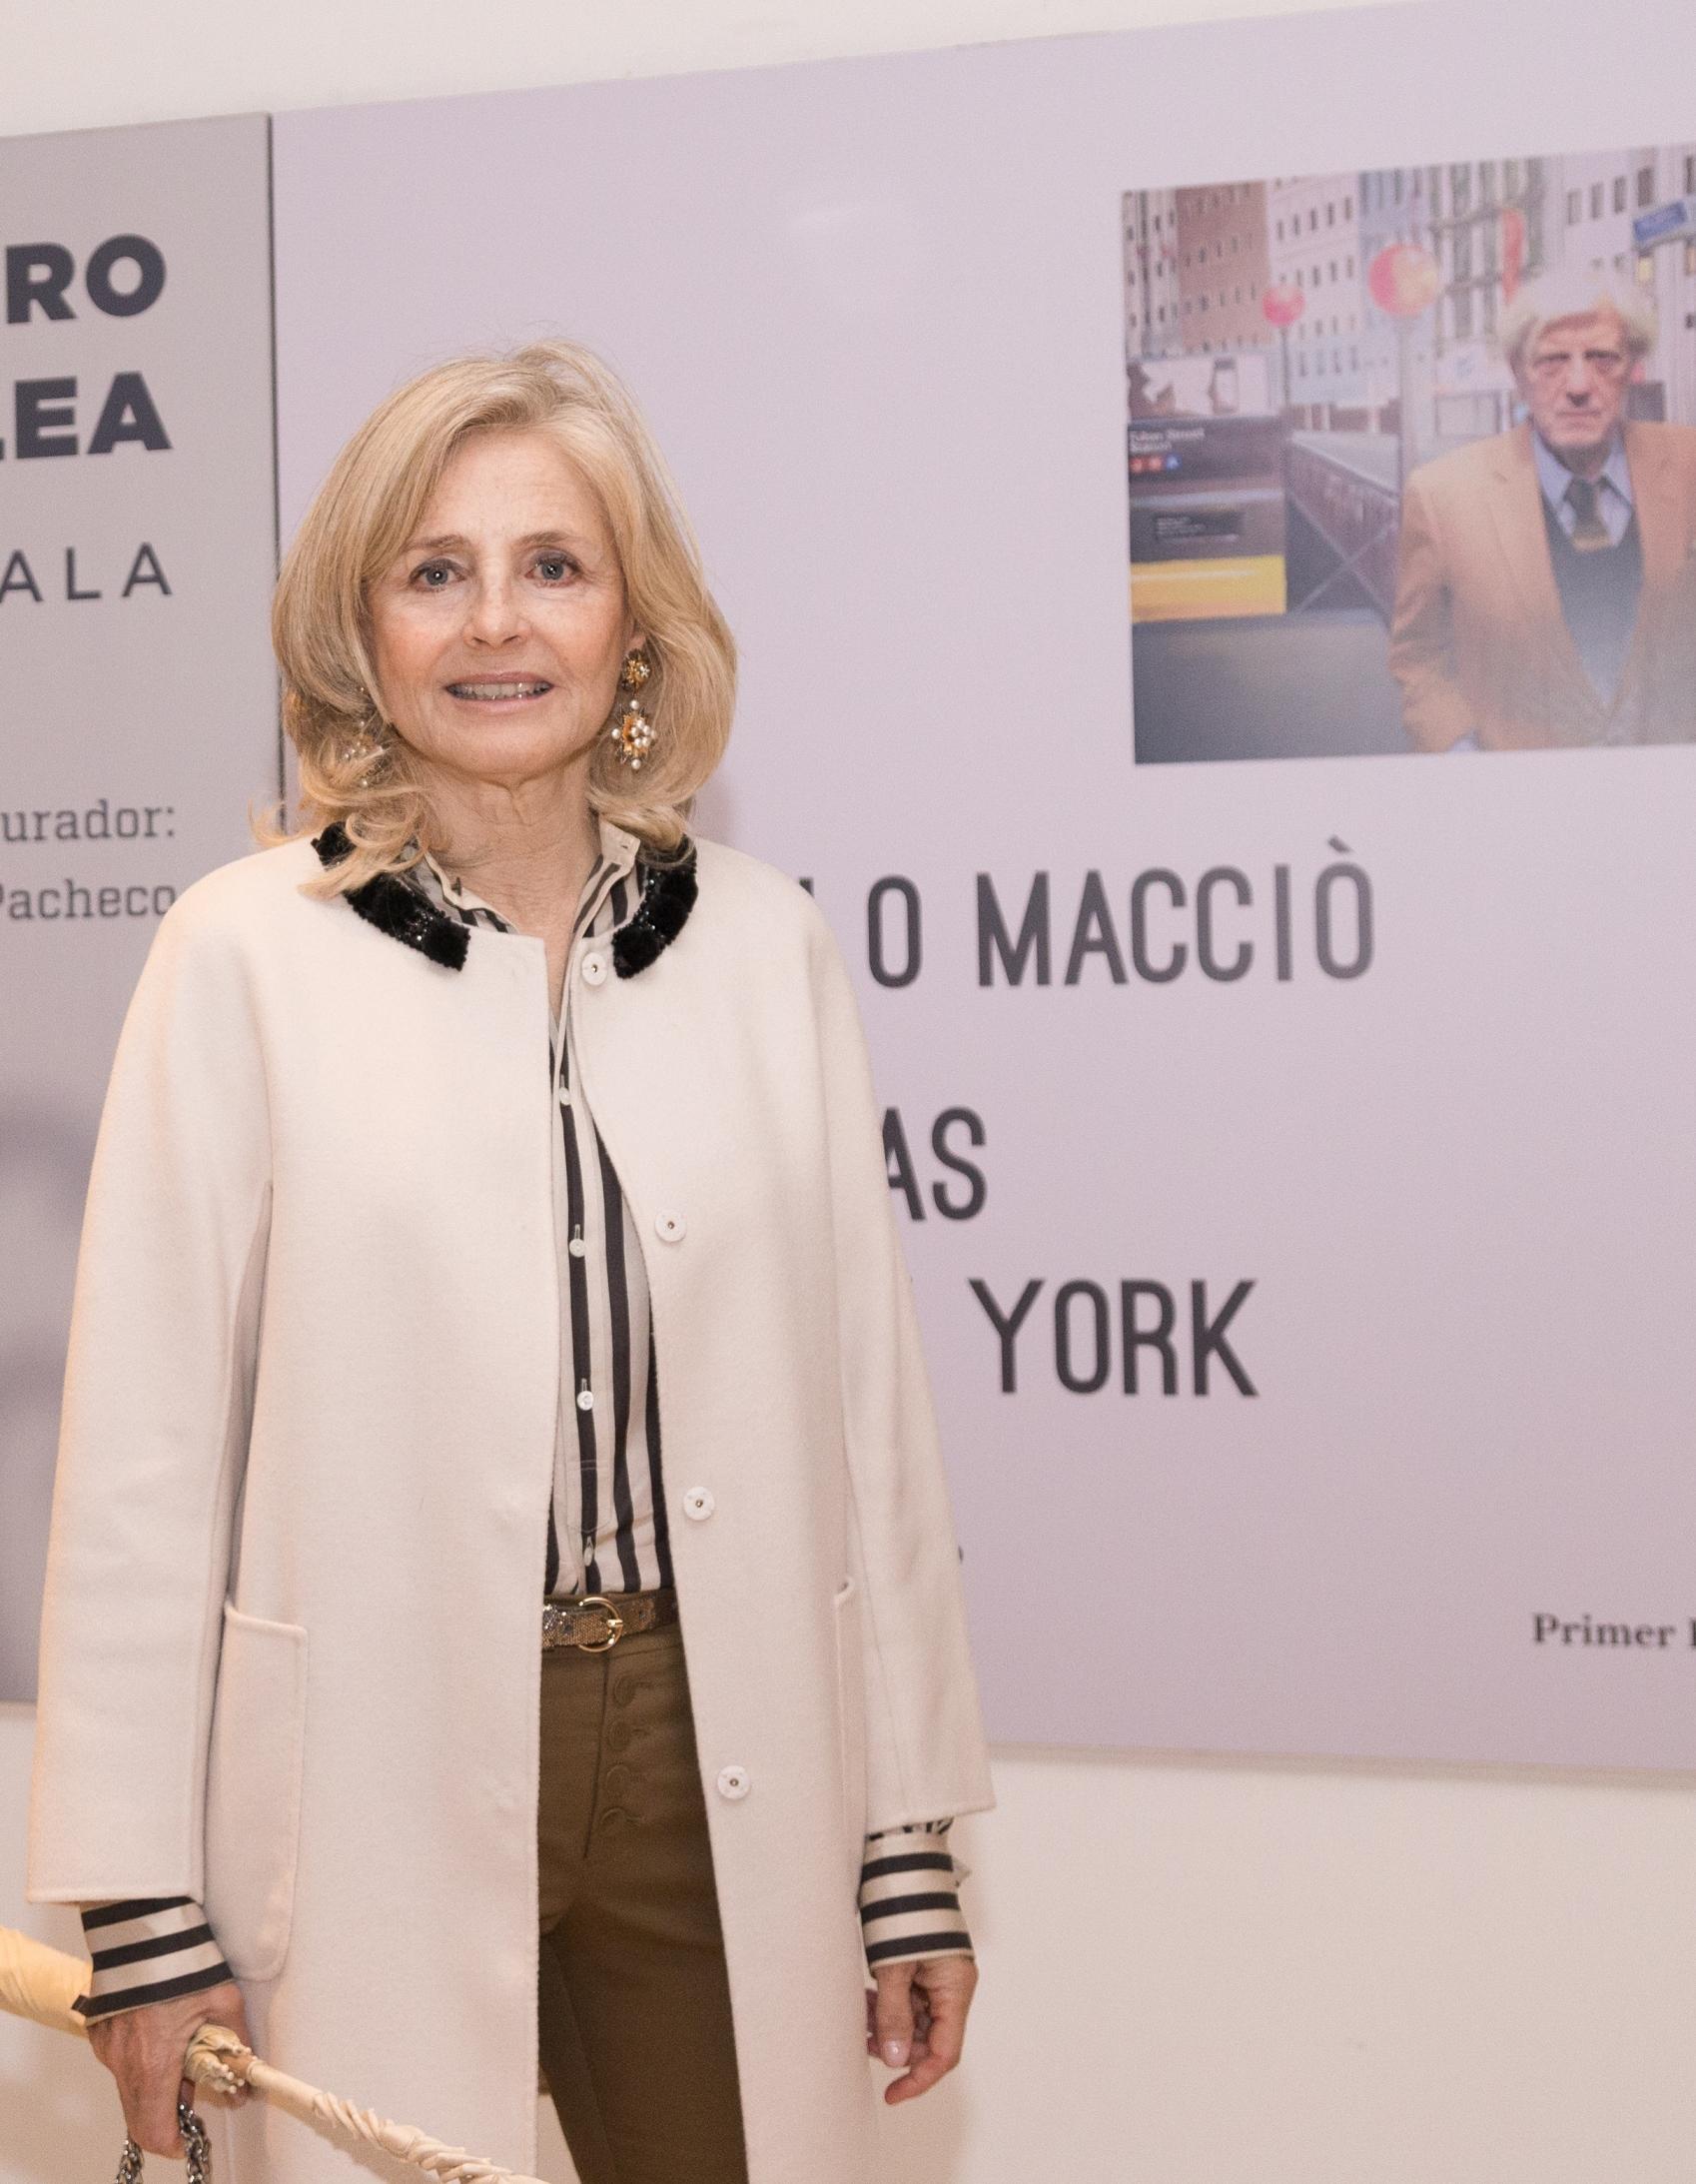 Cecilia Zuberbuhler. La muestra puede visitarse hasta el 23 de febrero de 2020 en la Colección de Arte Amalia Lacroze de Fortabat